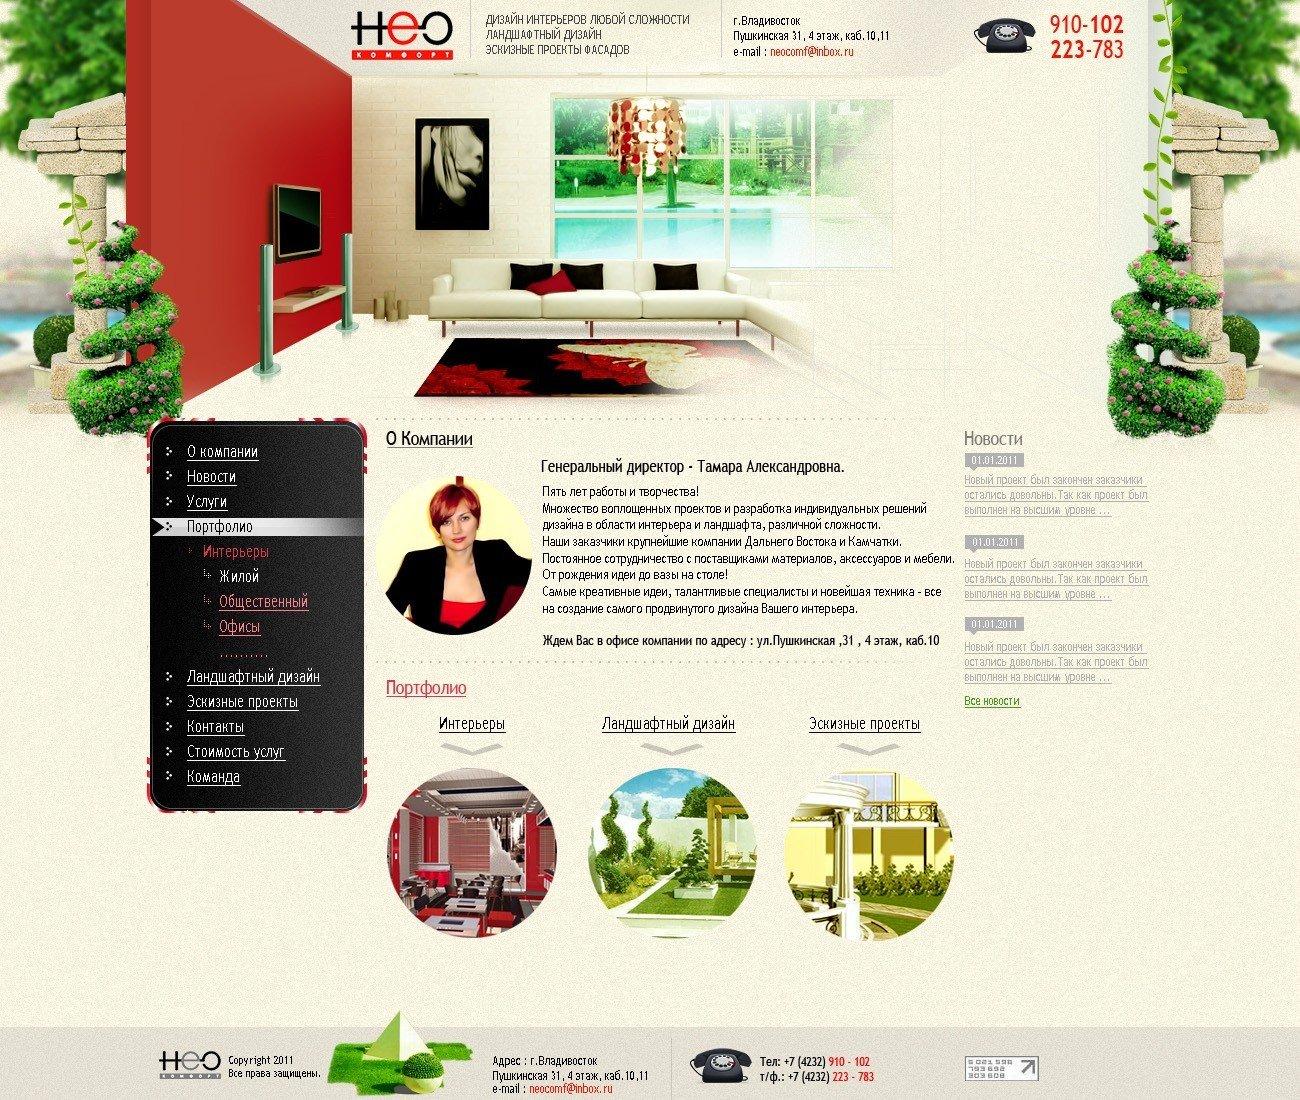 Дизайн интерьеров - Freelance.Ru - Фрилансеры